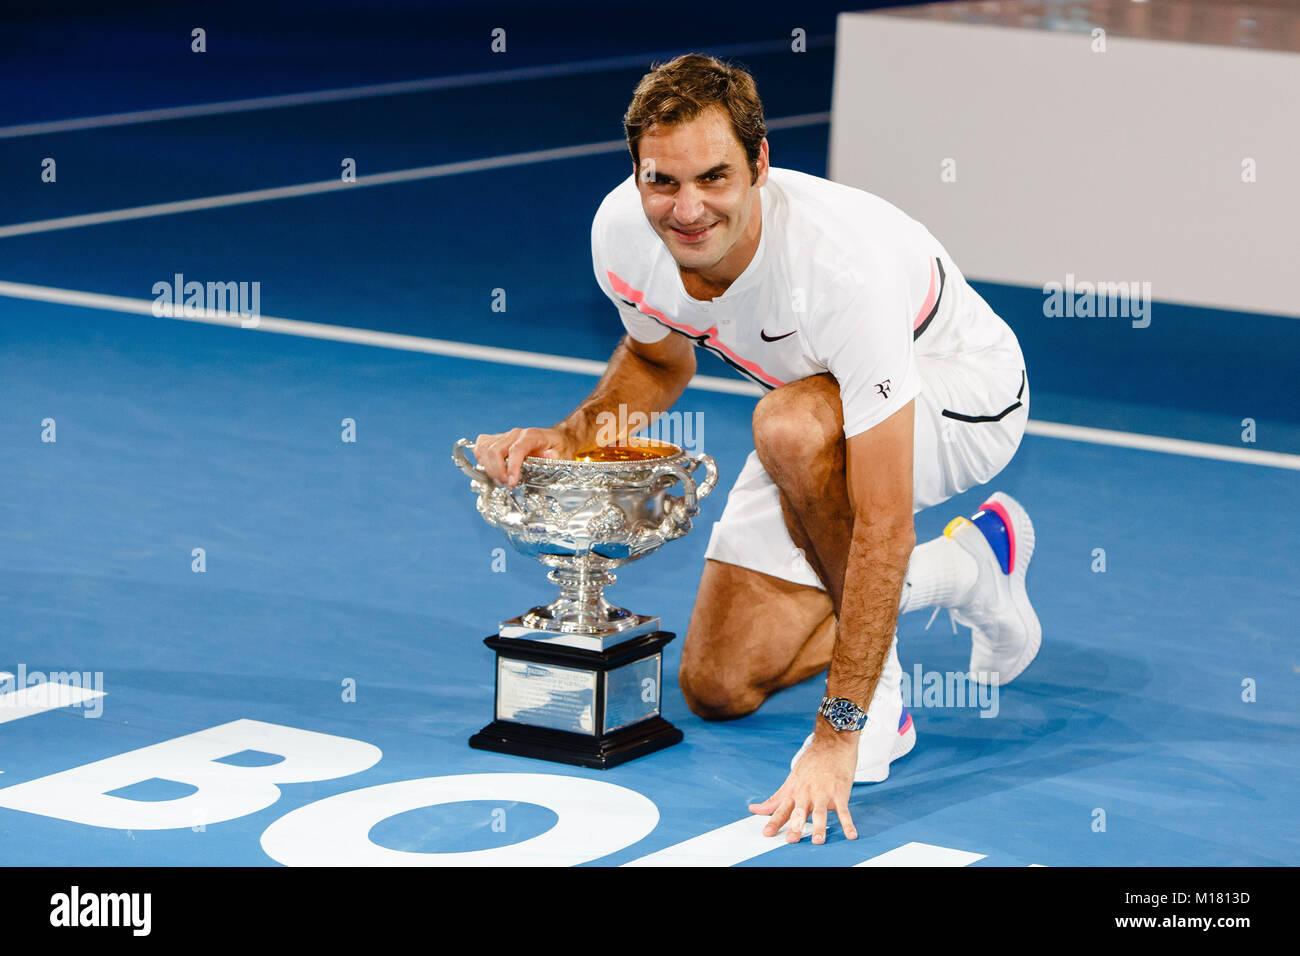 Melbourne, Australien, 28. Januar 2018: Schweizer Tennisspieler Roger Federer gewinnt sein 20 Grand Slam Titel bei Stockfoto